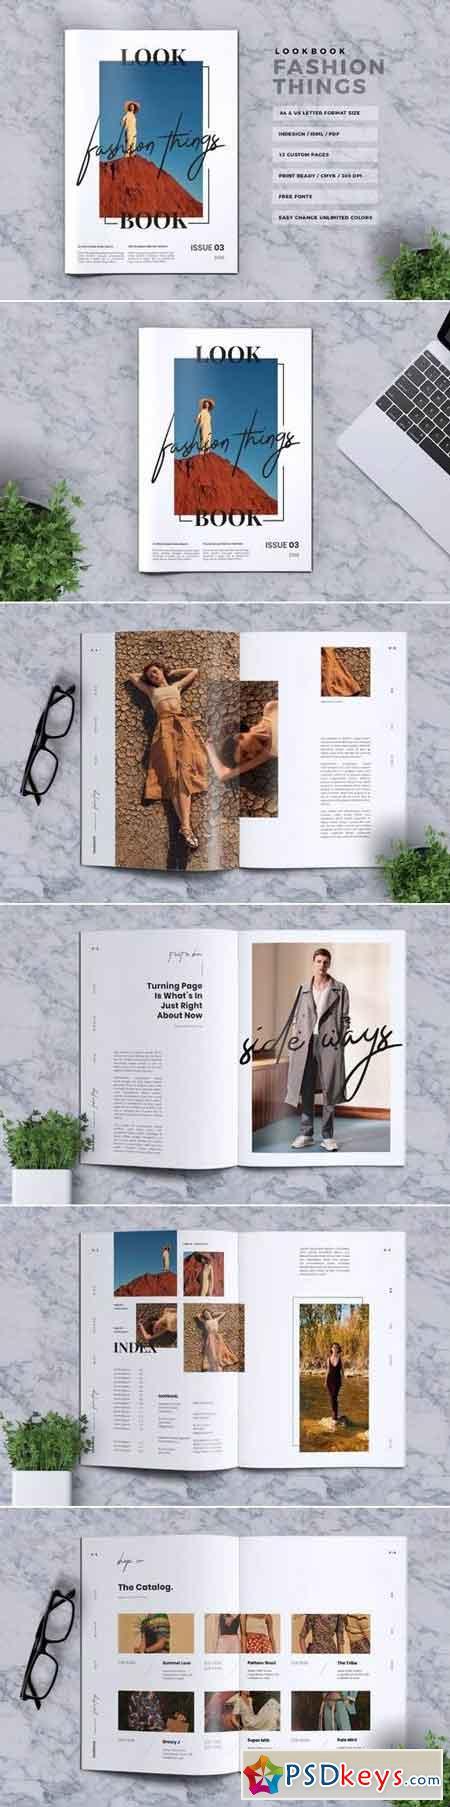 Fashion Things Lookbook